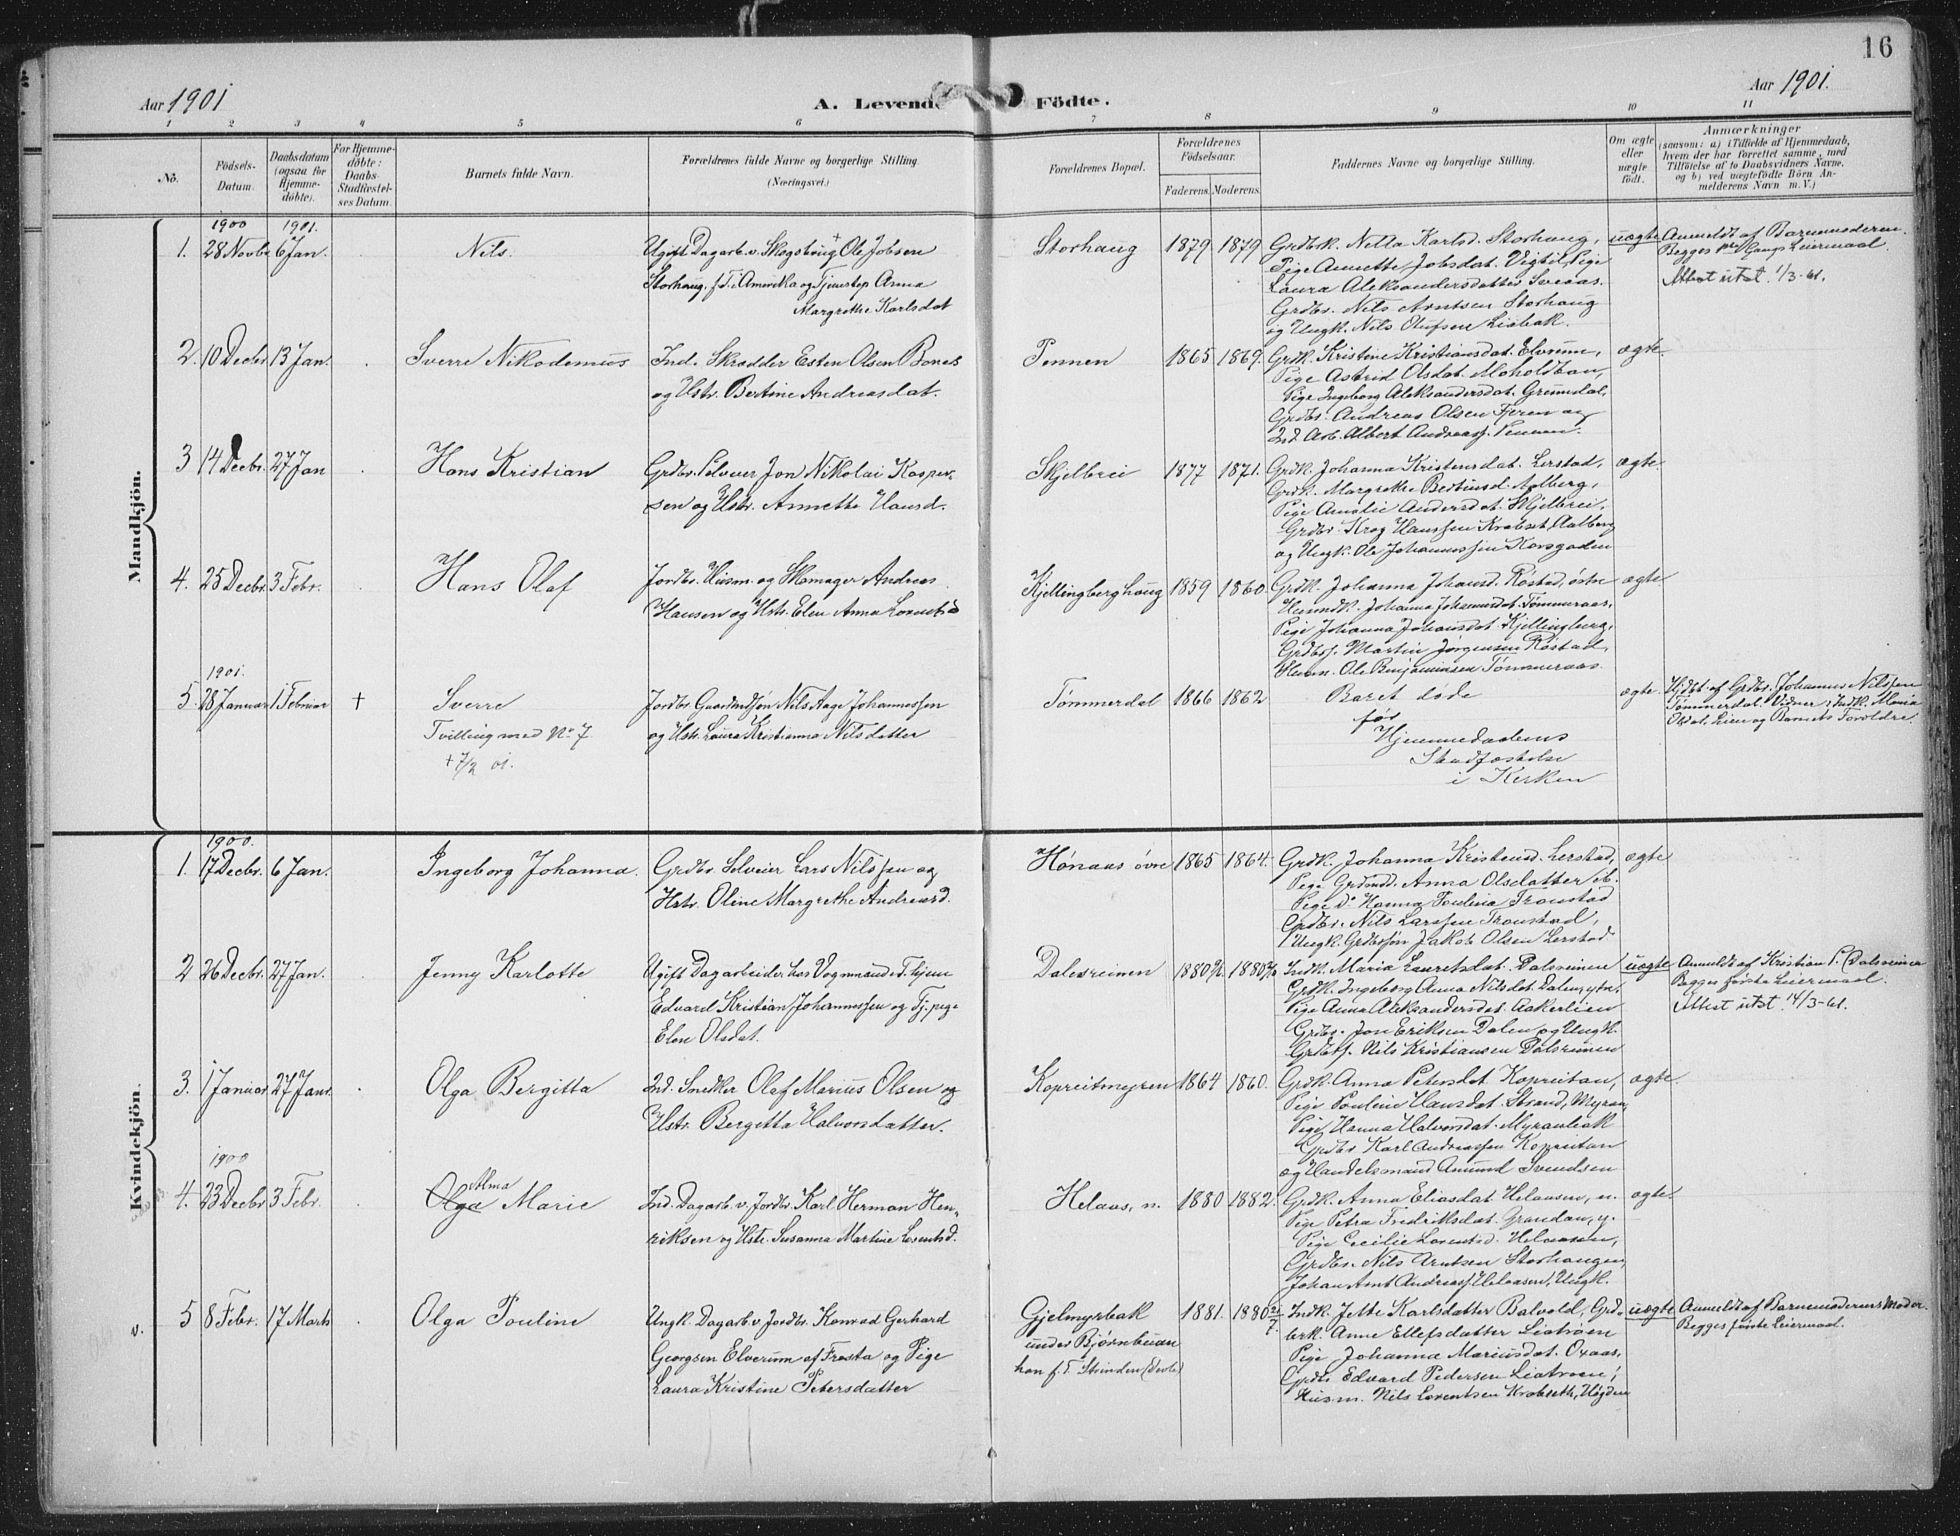 SAT, Ministerialprotokoller, klokkerbøker og fødselsregistre - Nord-Trøndelag, 701/L0011: Ministerialbok nr. 701A11, 1899-1915, s. 16